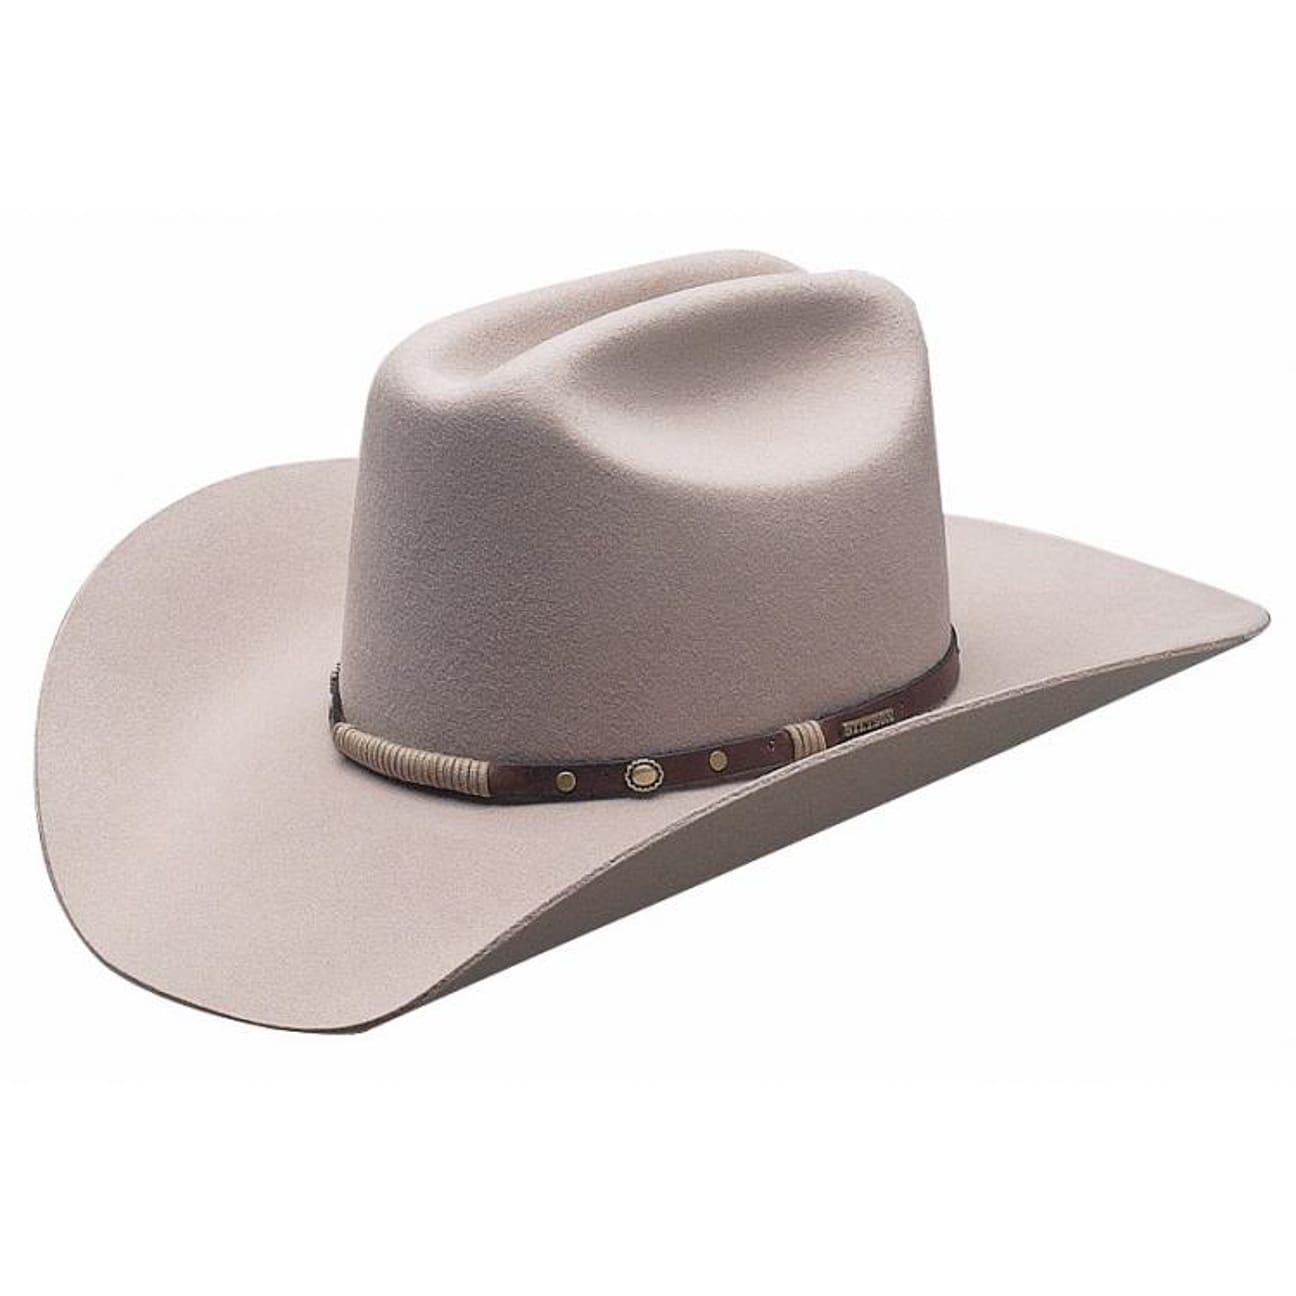 chapeau alamosa cowboy by stetson eur 145 00 chapeaux casquettes et bonnets en ligne. Black Bedroom Furniture Sets. Home Design Ideas